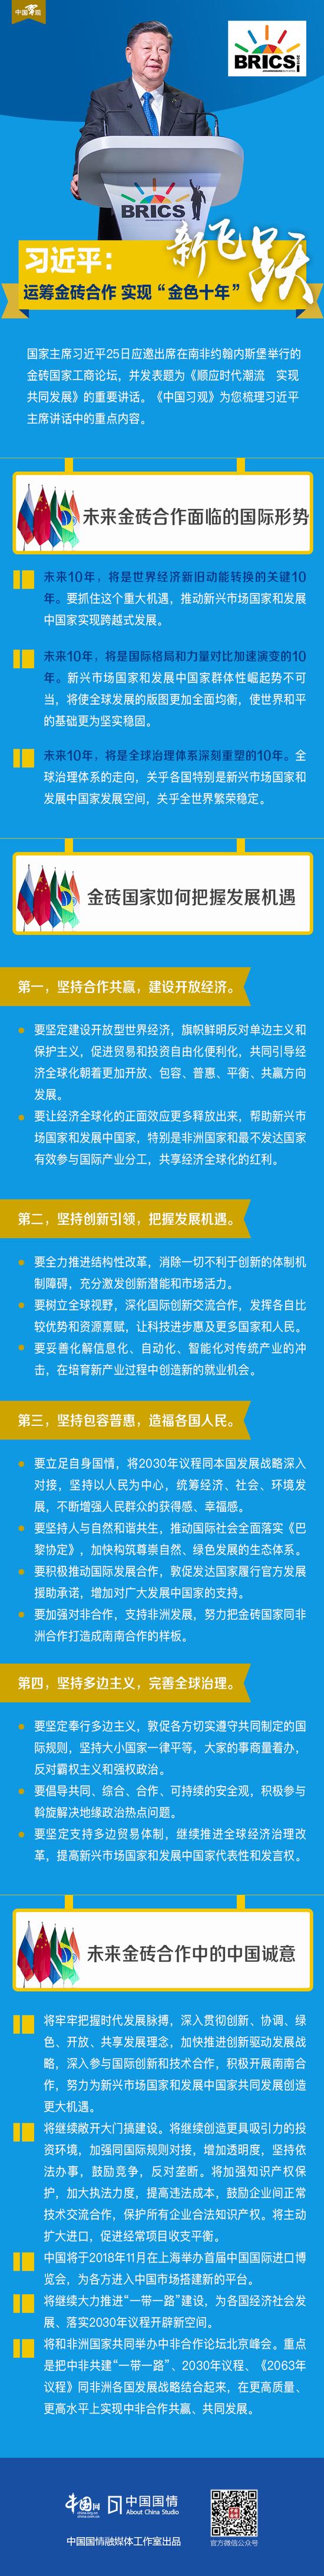 习近平:运筹金砖合作 实现金色十年新飞跃